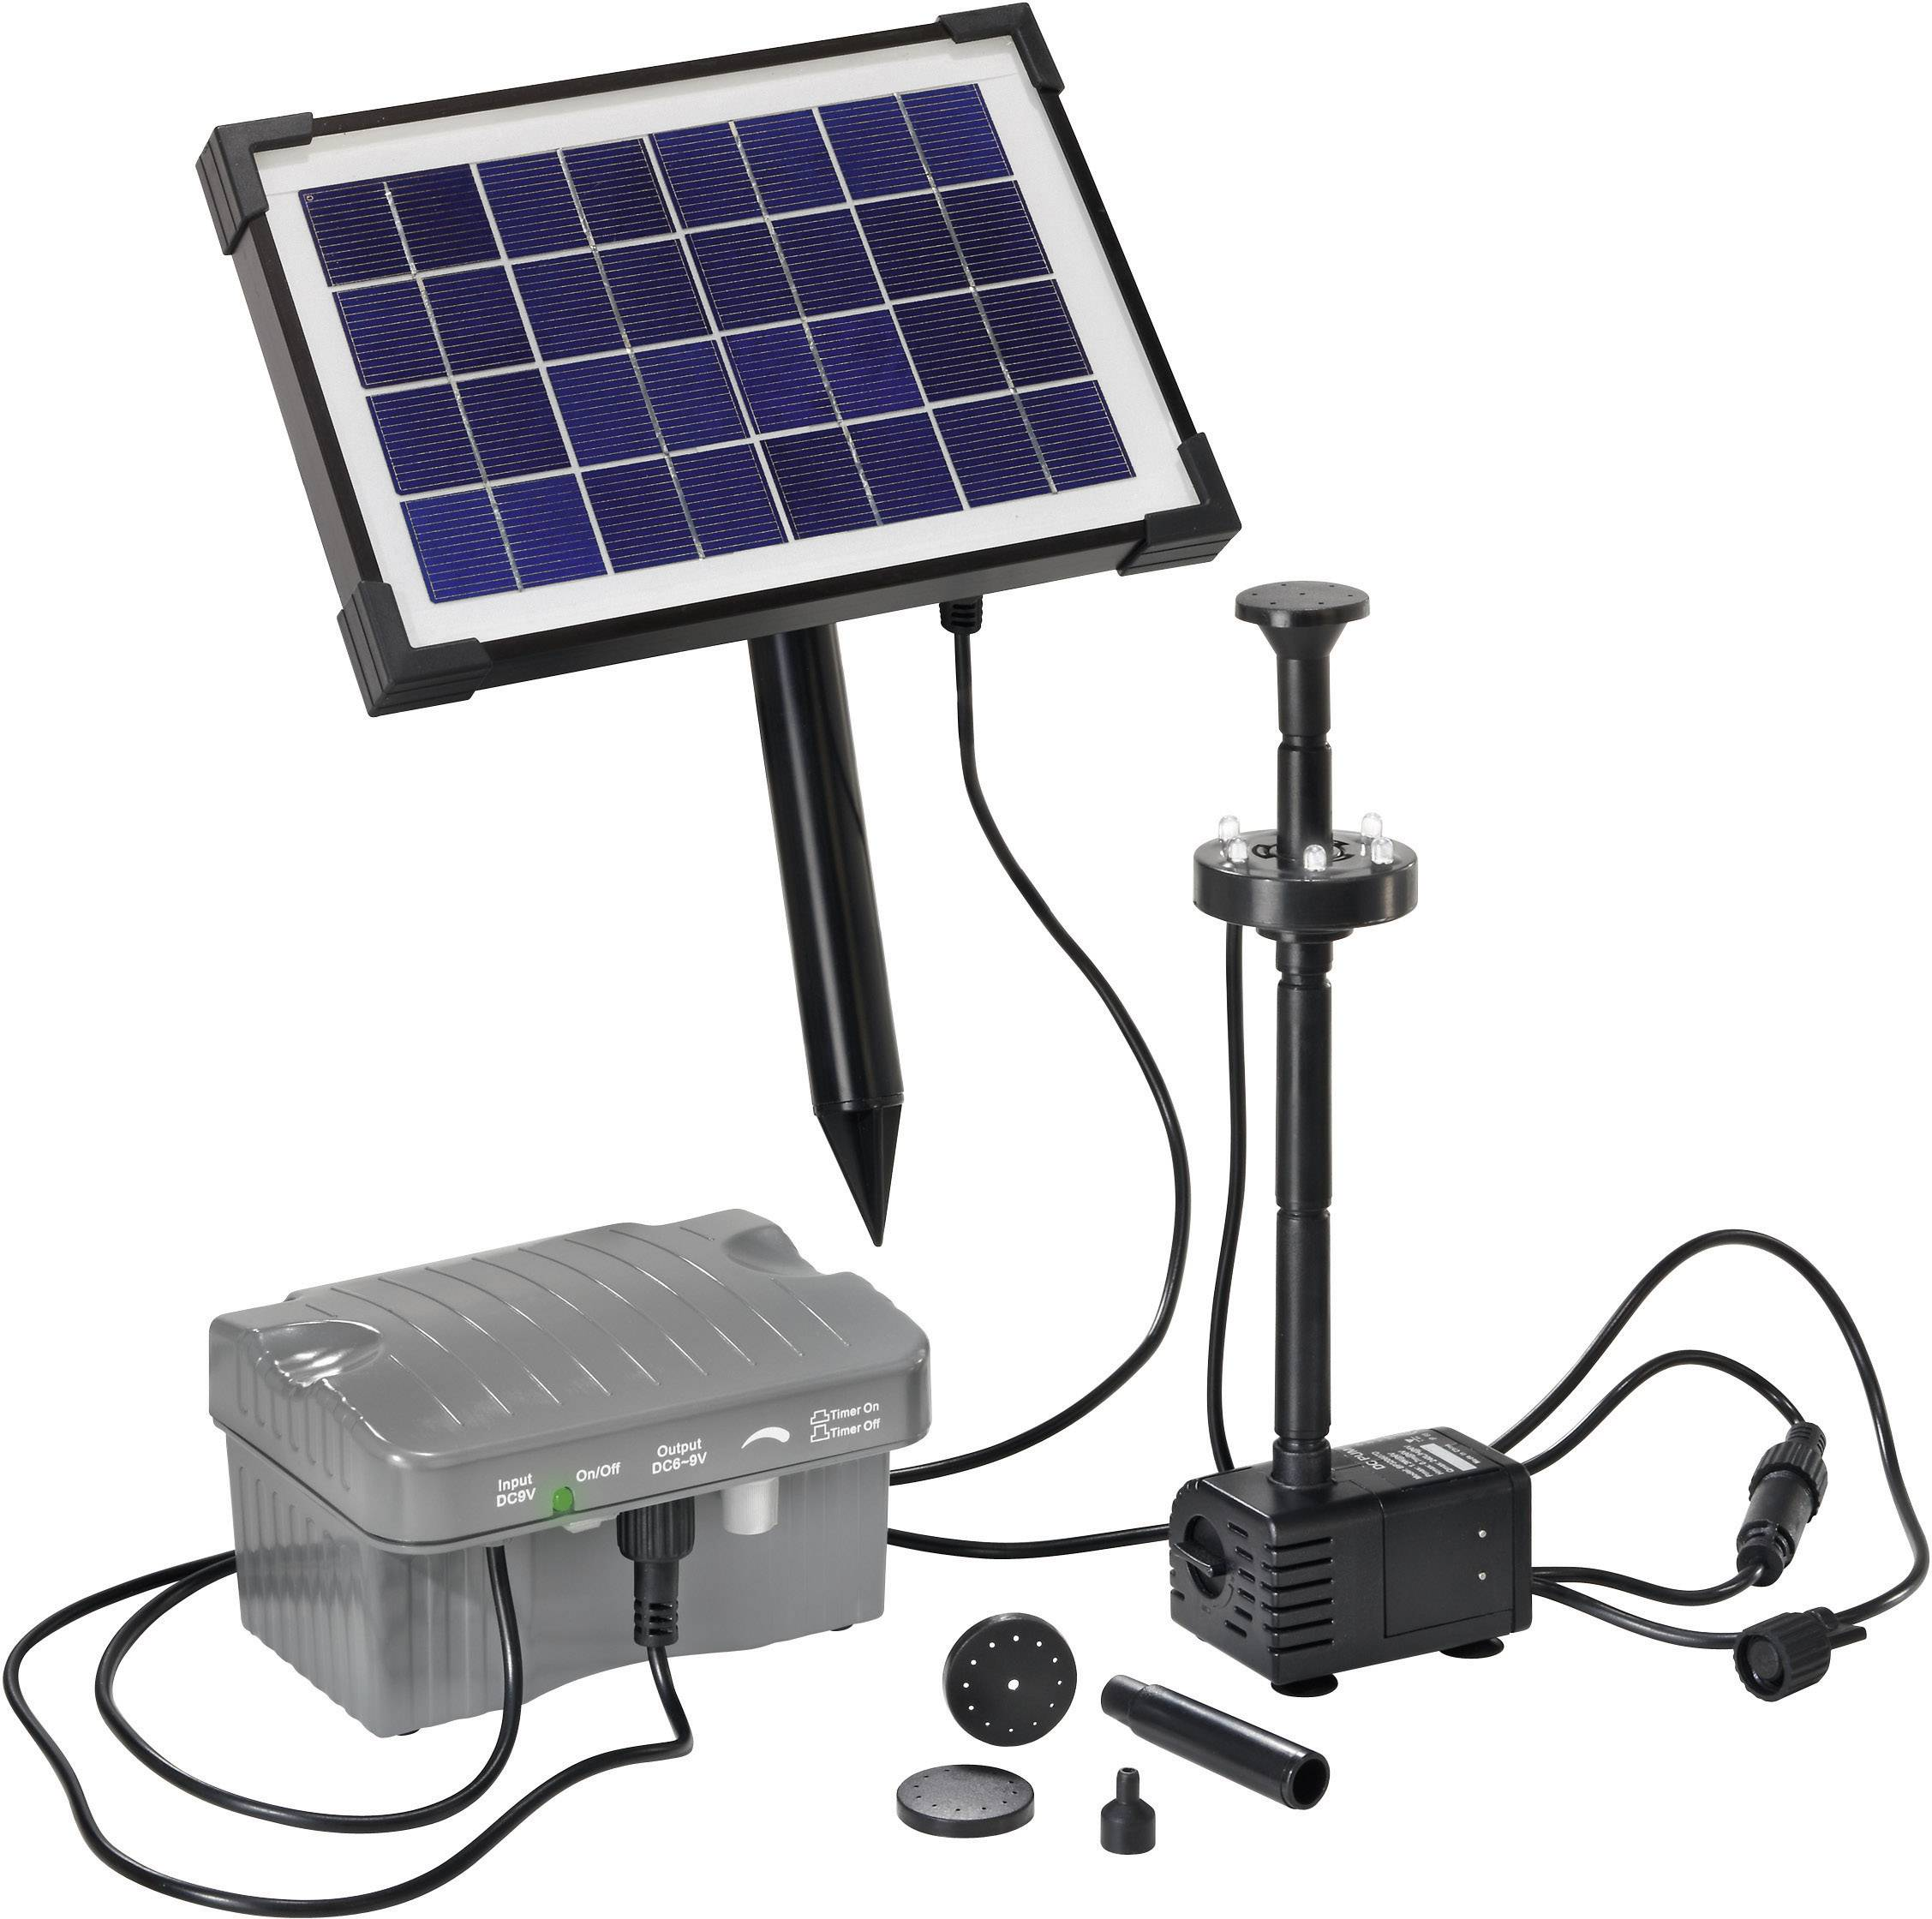 esotec palermo led 101775 pompset op zonne energie met verlichting met accu opslag 330 lh